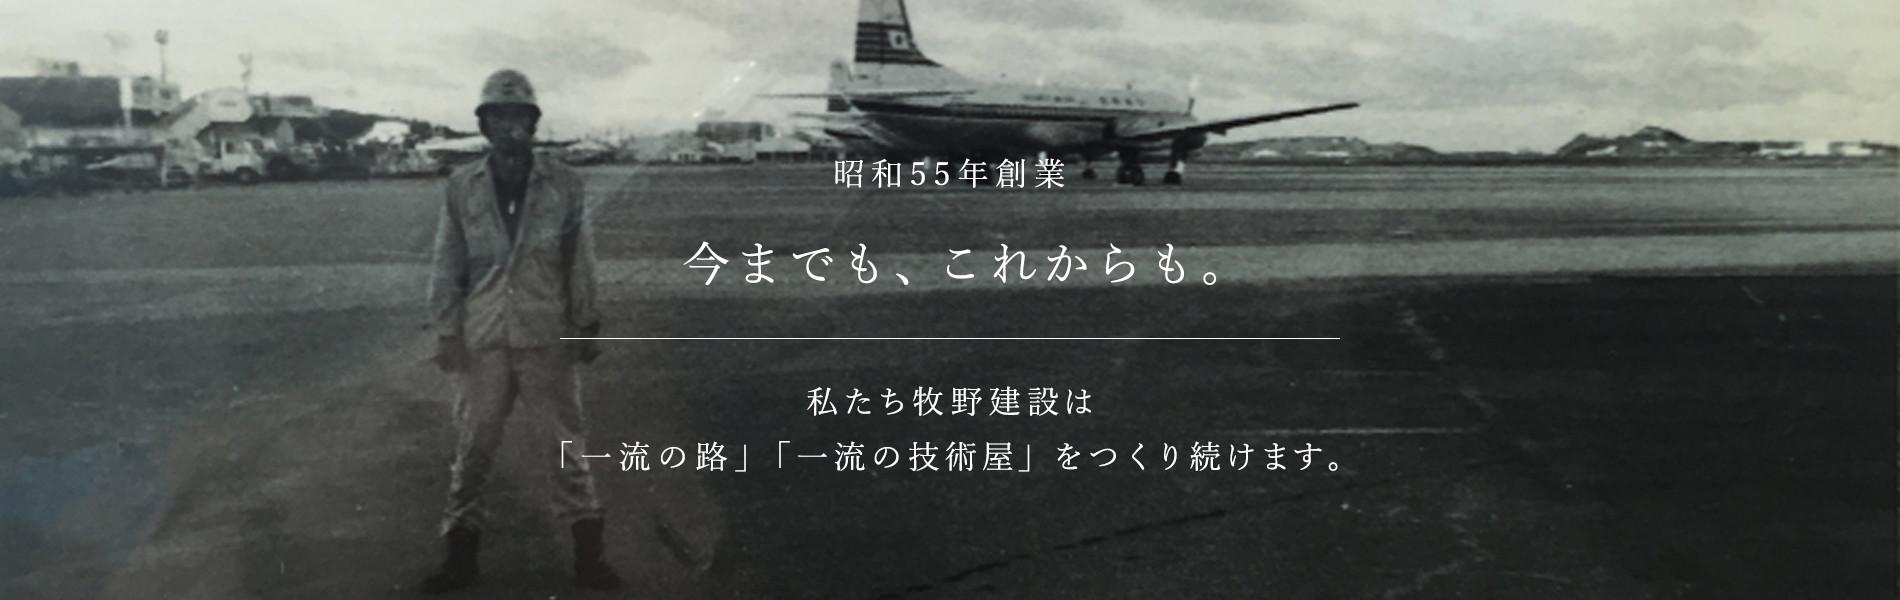 昭和55年創業